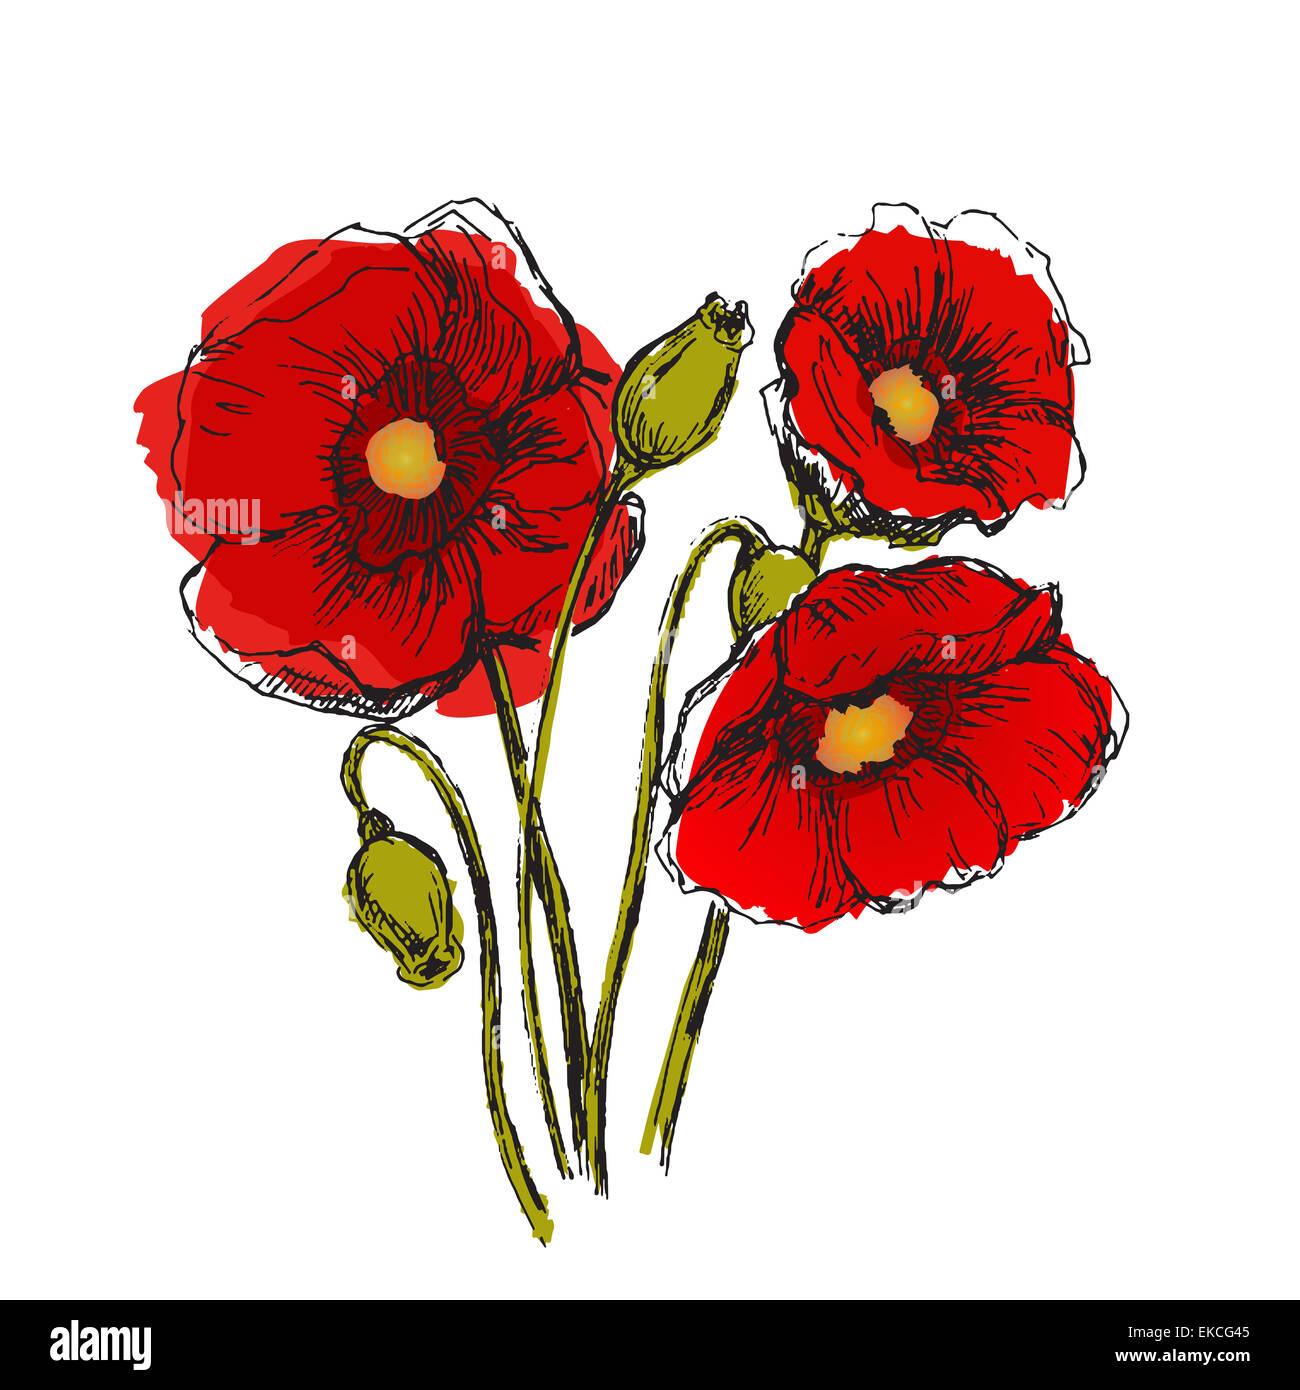 Couleur des fleurs. Sketch converti en vecteurs. Photo Stock